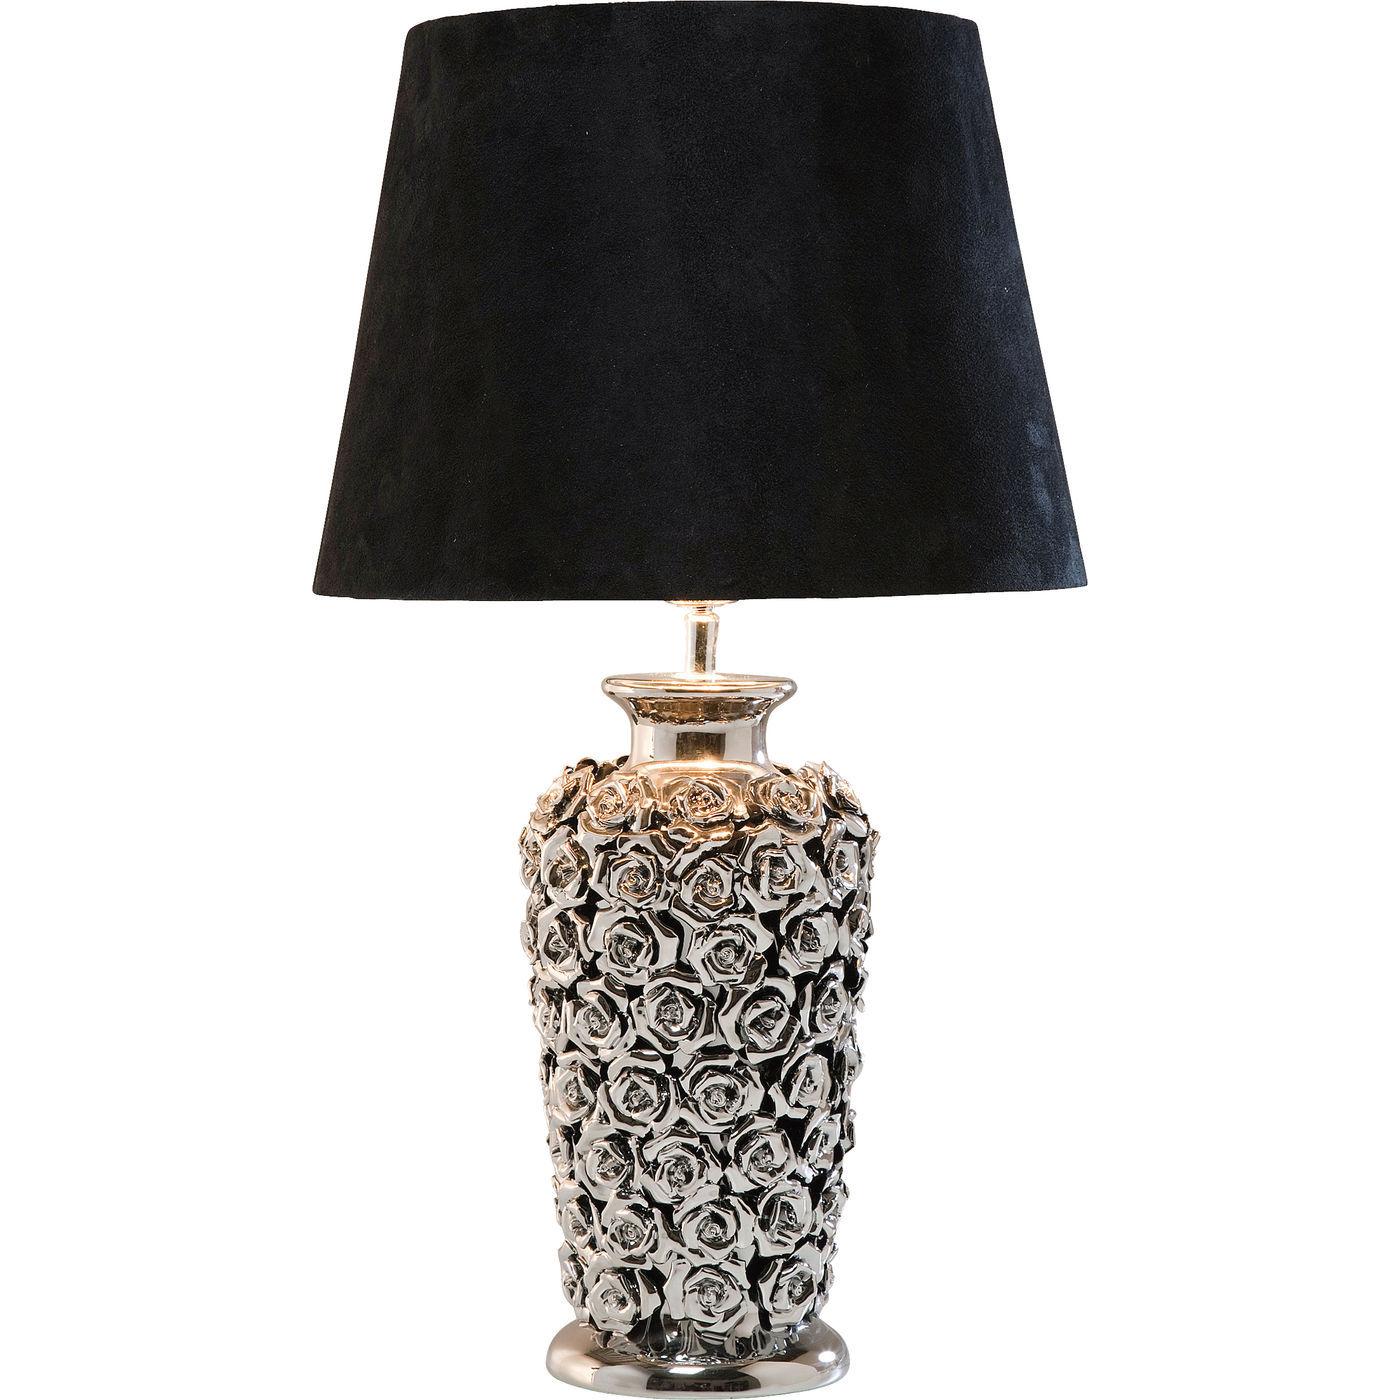 tischlampe tisch lampe tischleuchte leuchte rose chrome deko neu kare design ebay. Black Bedroom Furniture Sets. Home Design Ideas